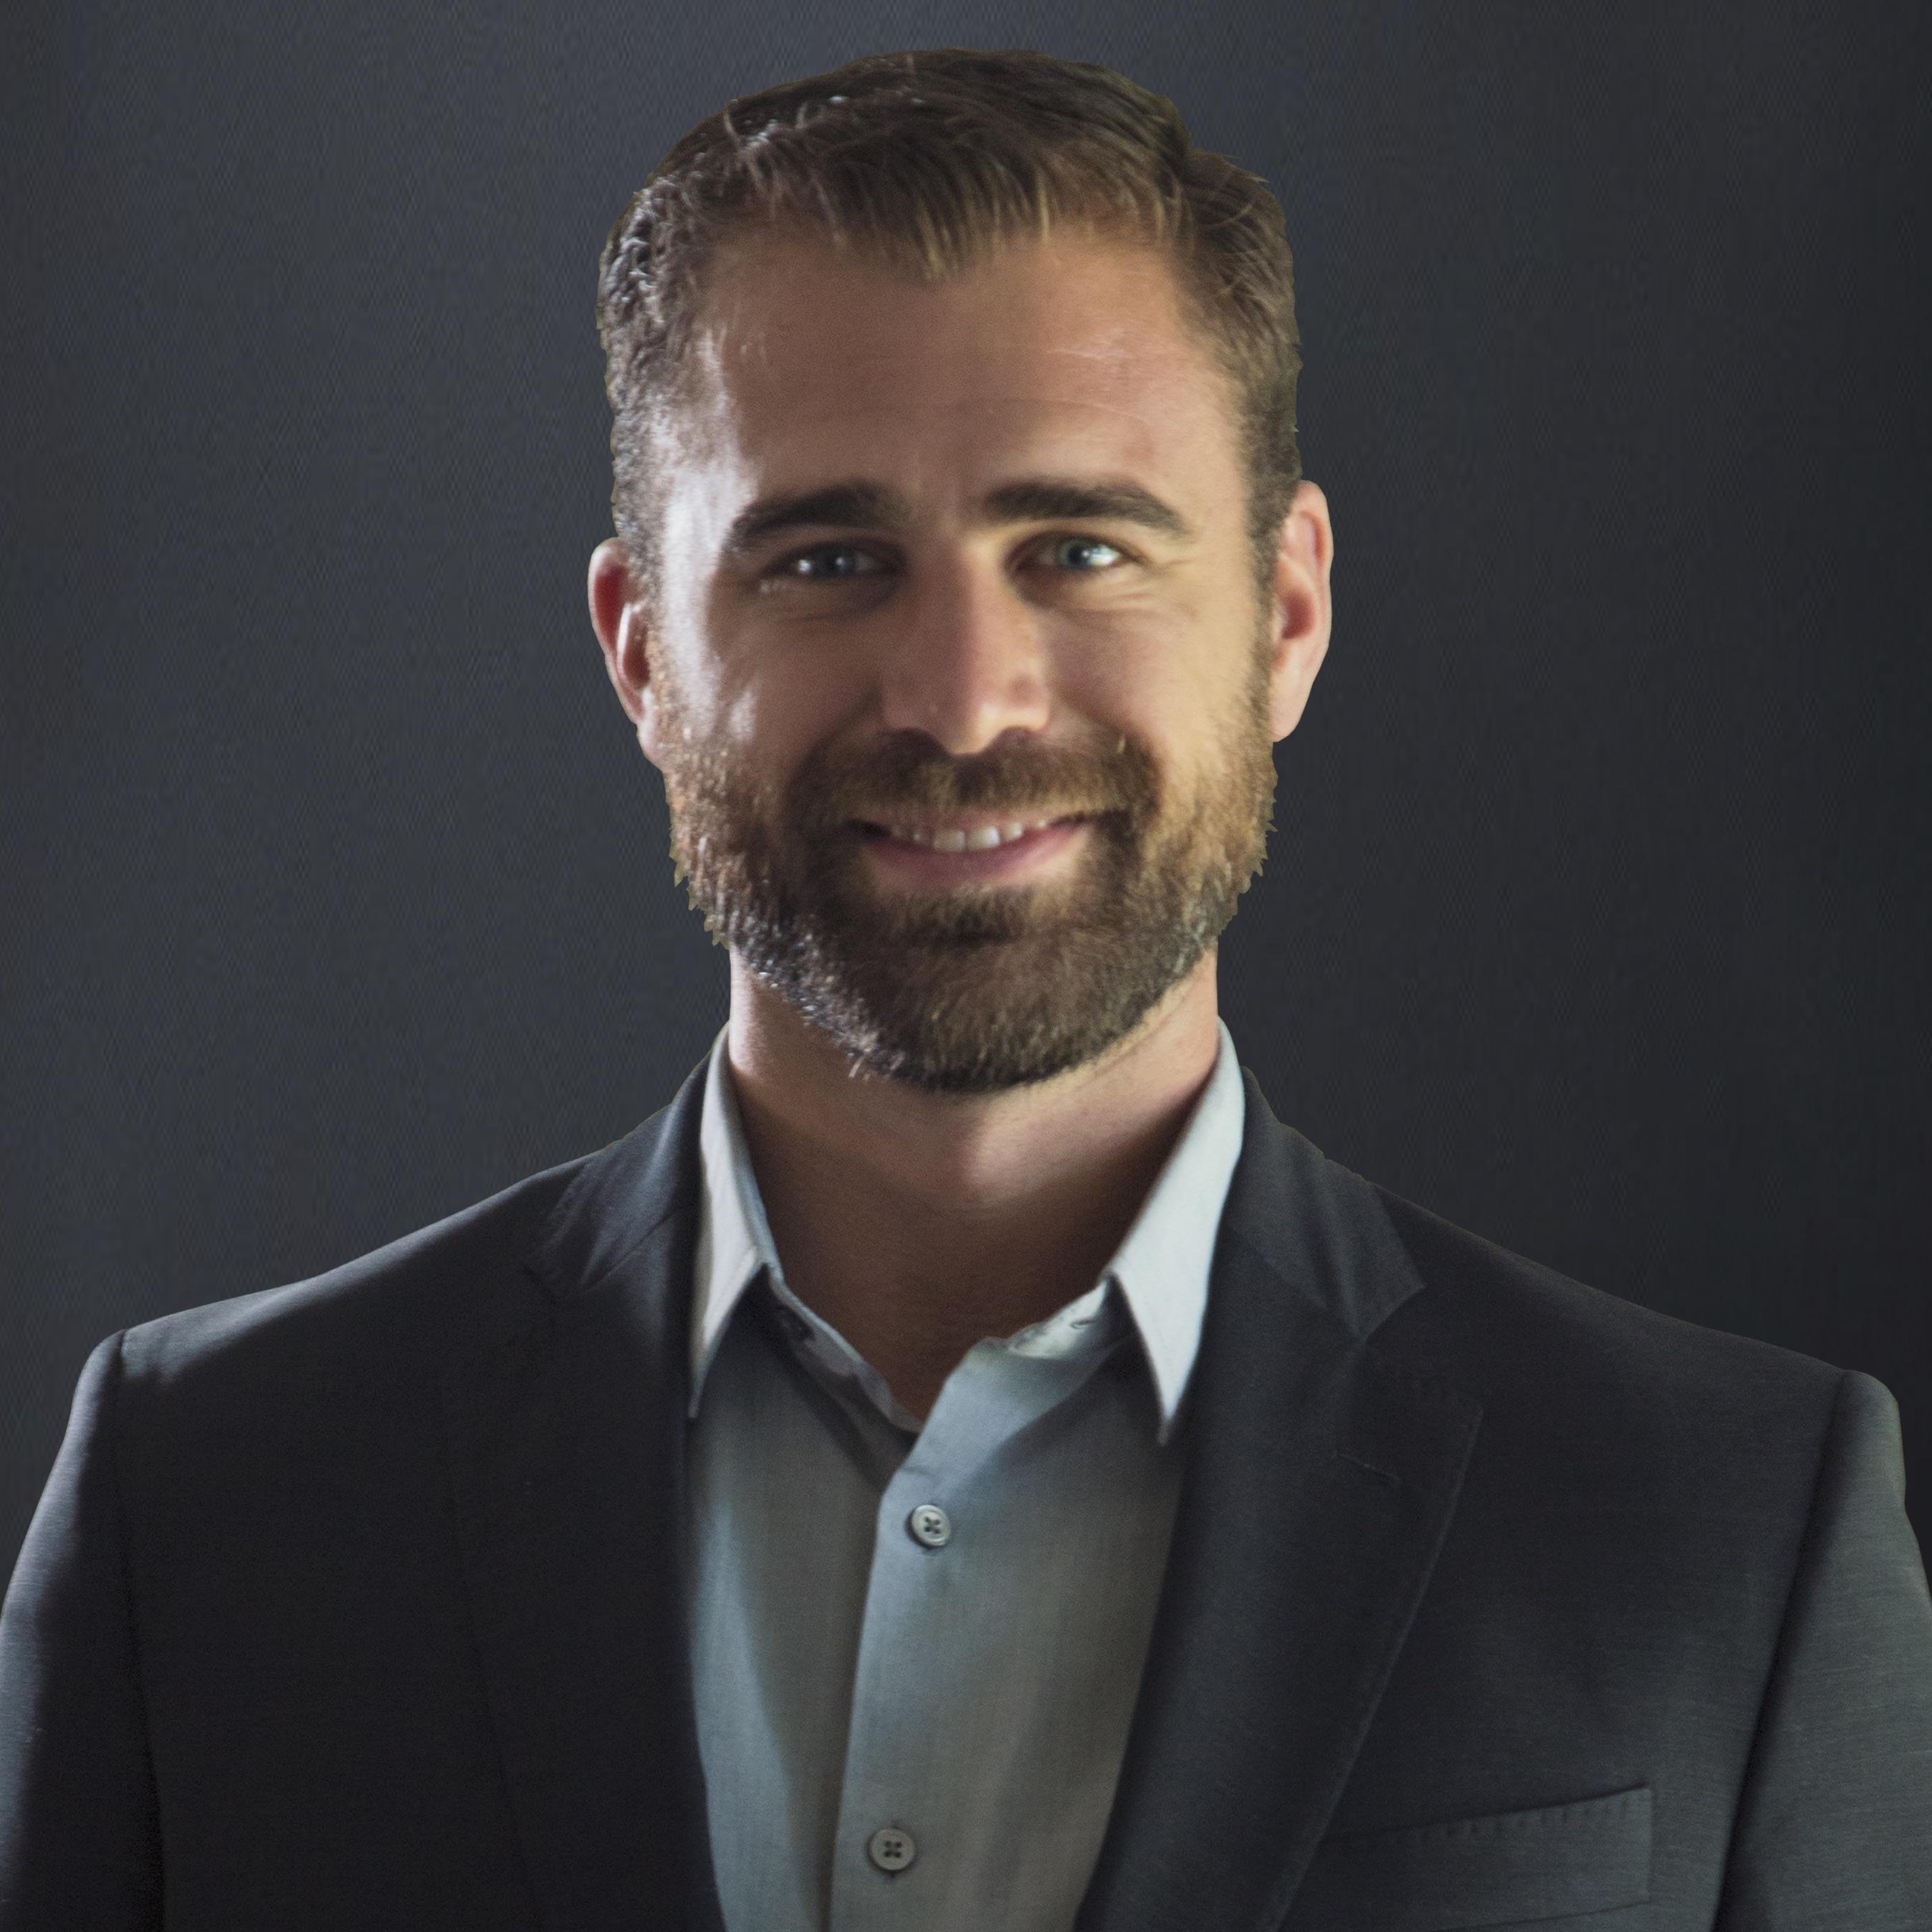 Dr. Chris Slininger